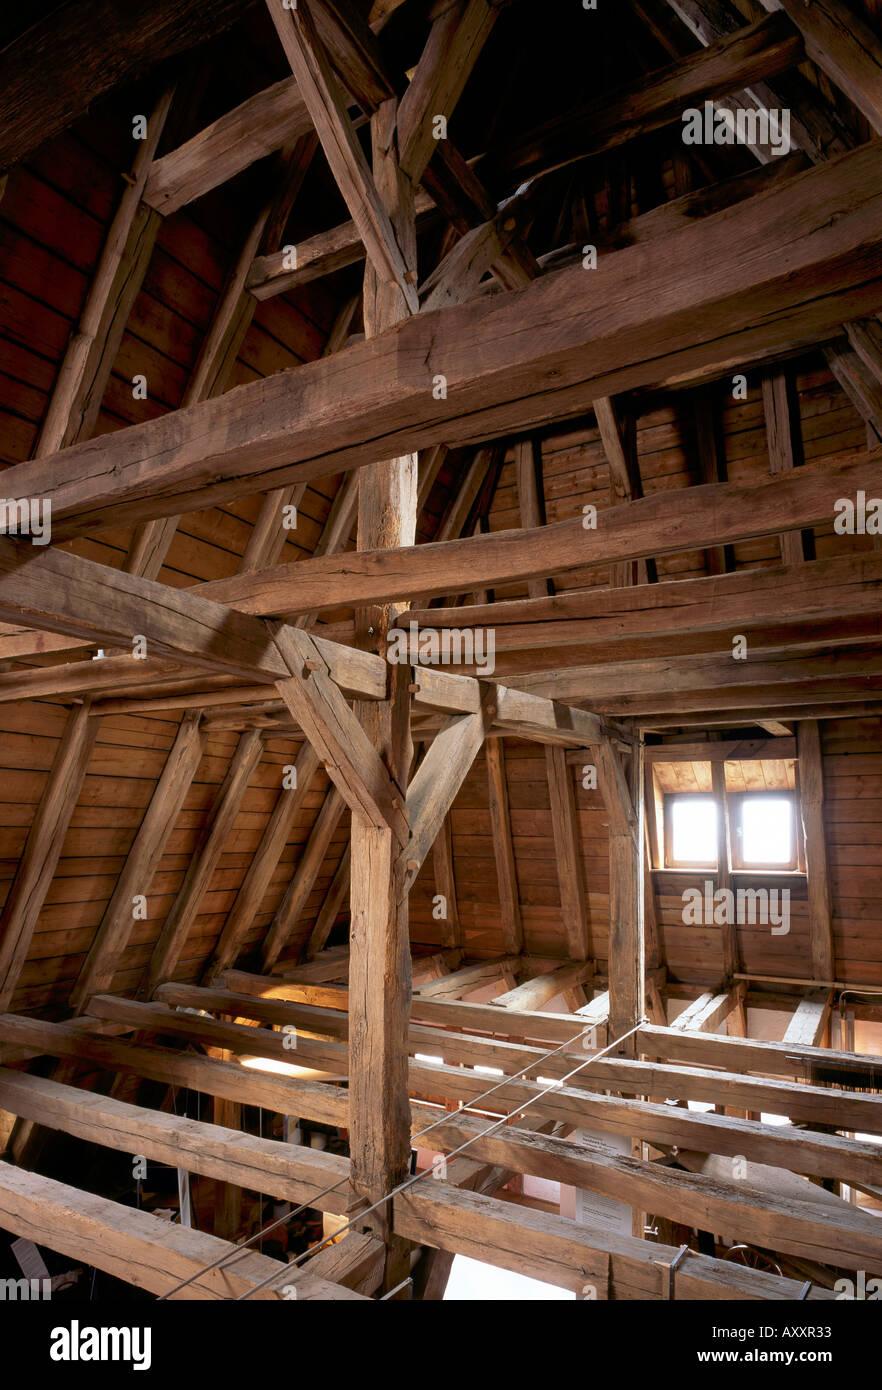 holzwurm dachstuhl excellent links im inneren dachraum die heiluft verteilt sich durch. Black Bedroom Furniture Sets. Home Design Ideas